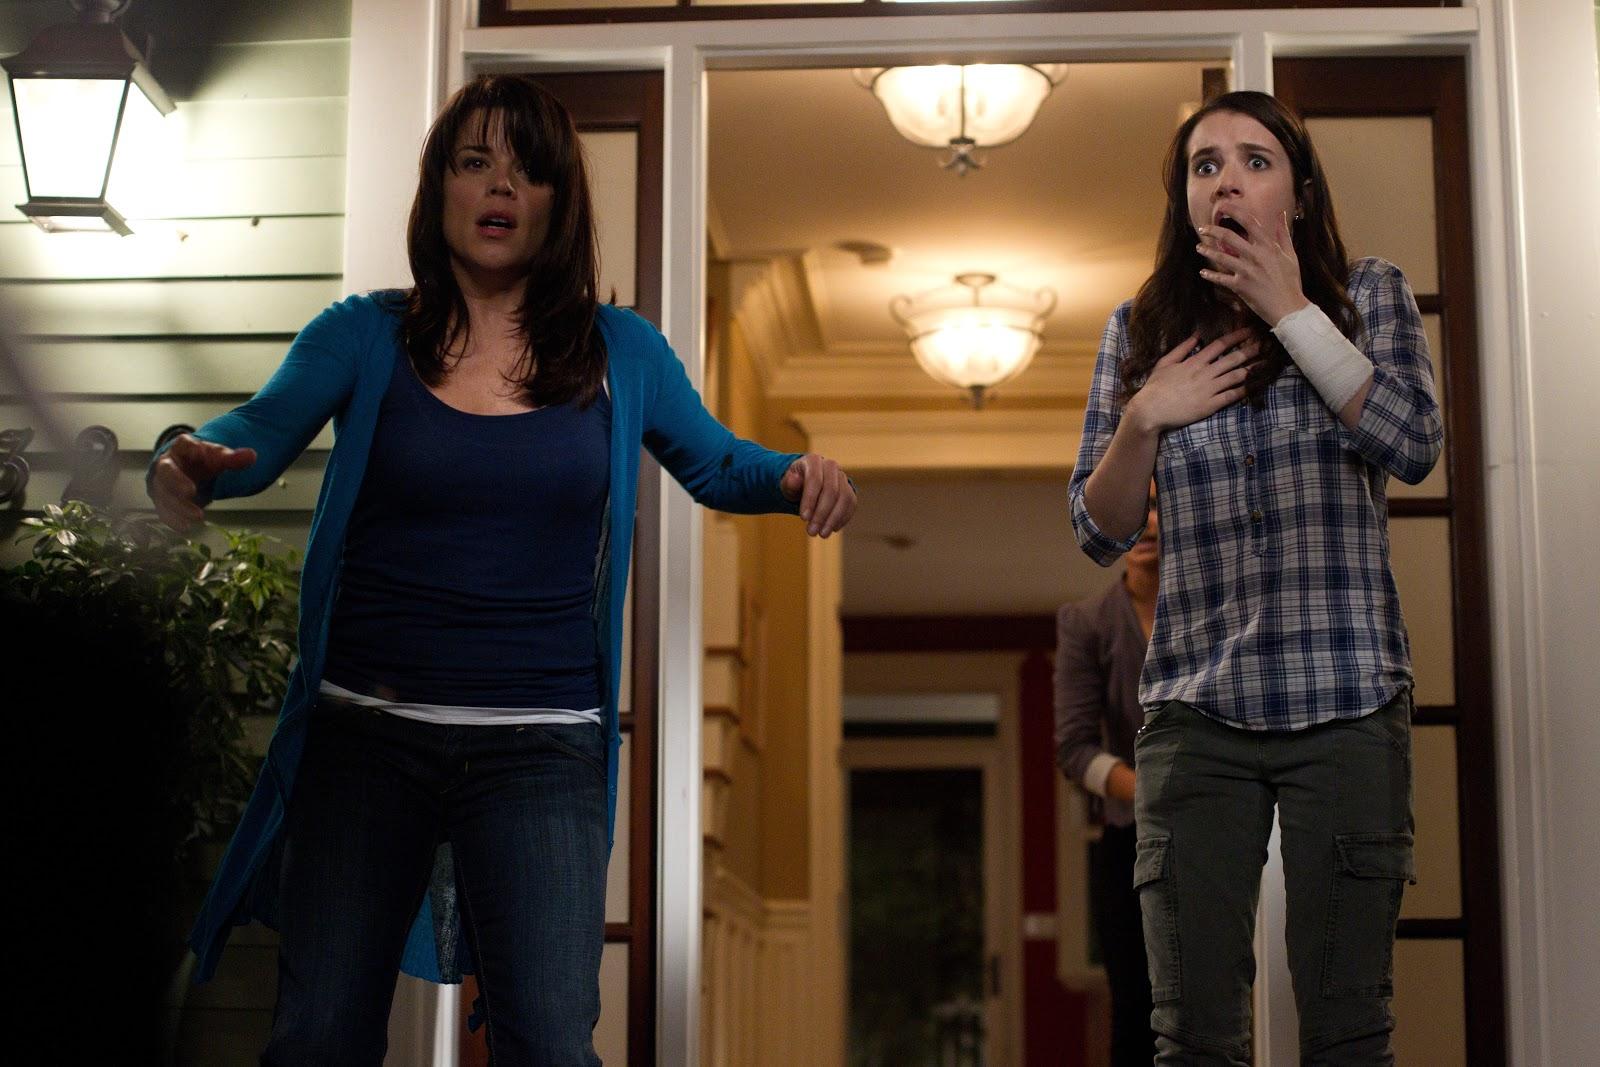 http://4.bp.blogspot.com/-8JwH6Goot9c/Tbb3W4wfdXI/AAAAAAAAA3M/ZvMm0Rywm0g/s1600/scream-4-neve-campbell-emma-roberts-movie-image.jpg